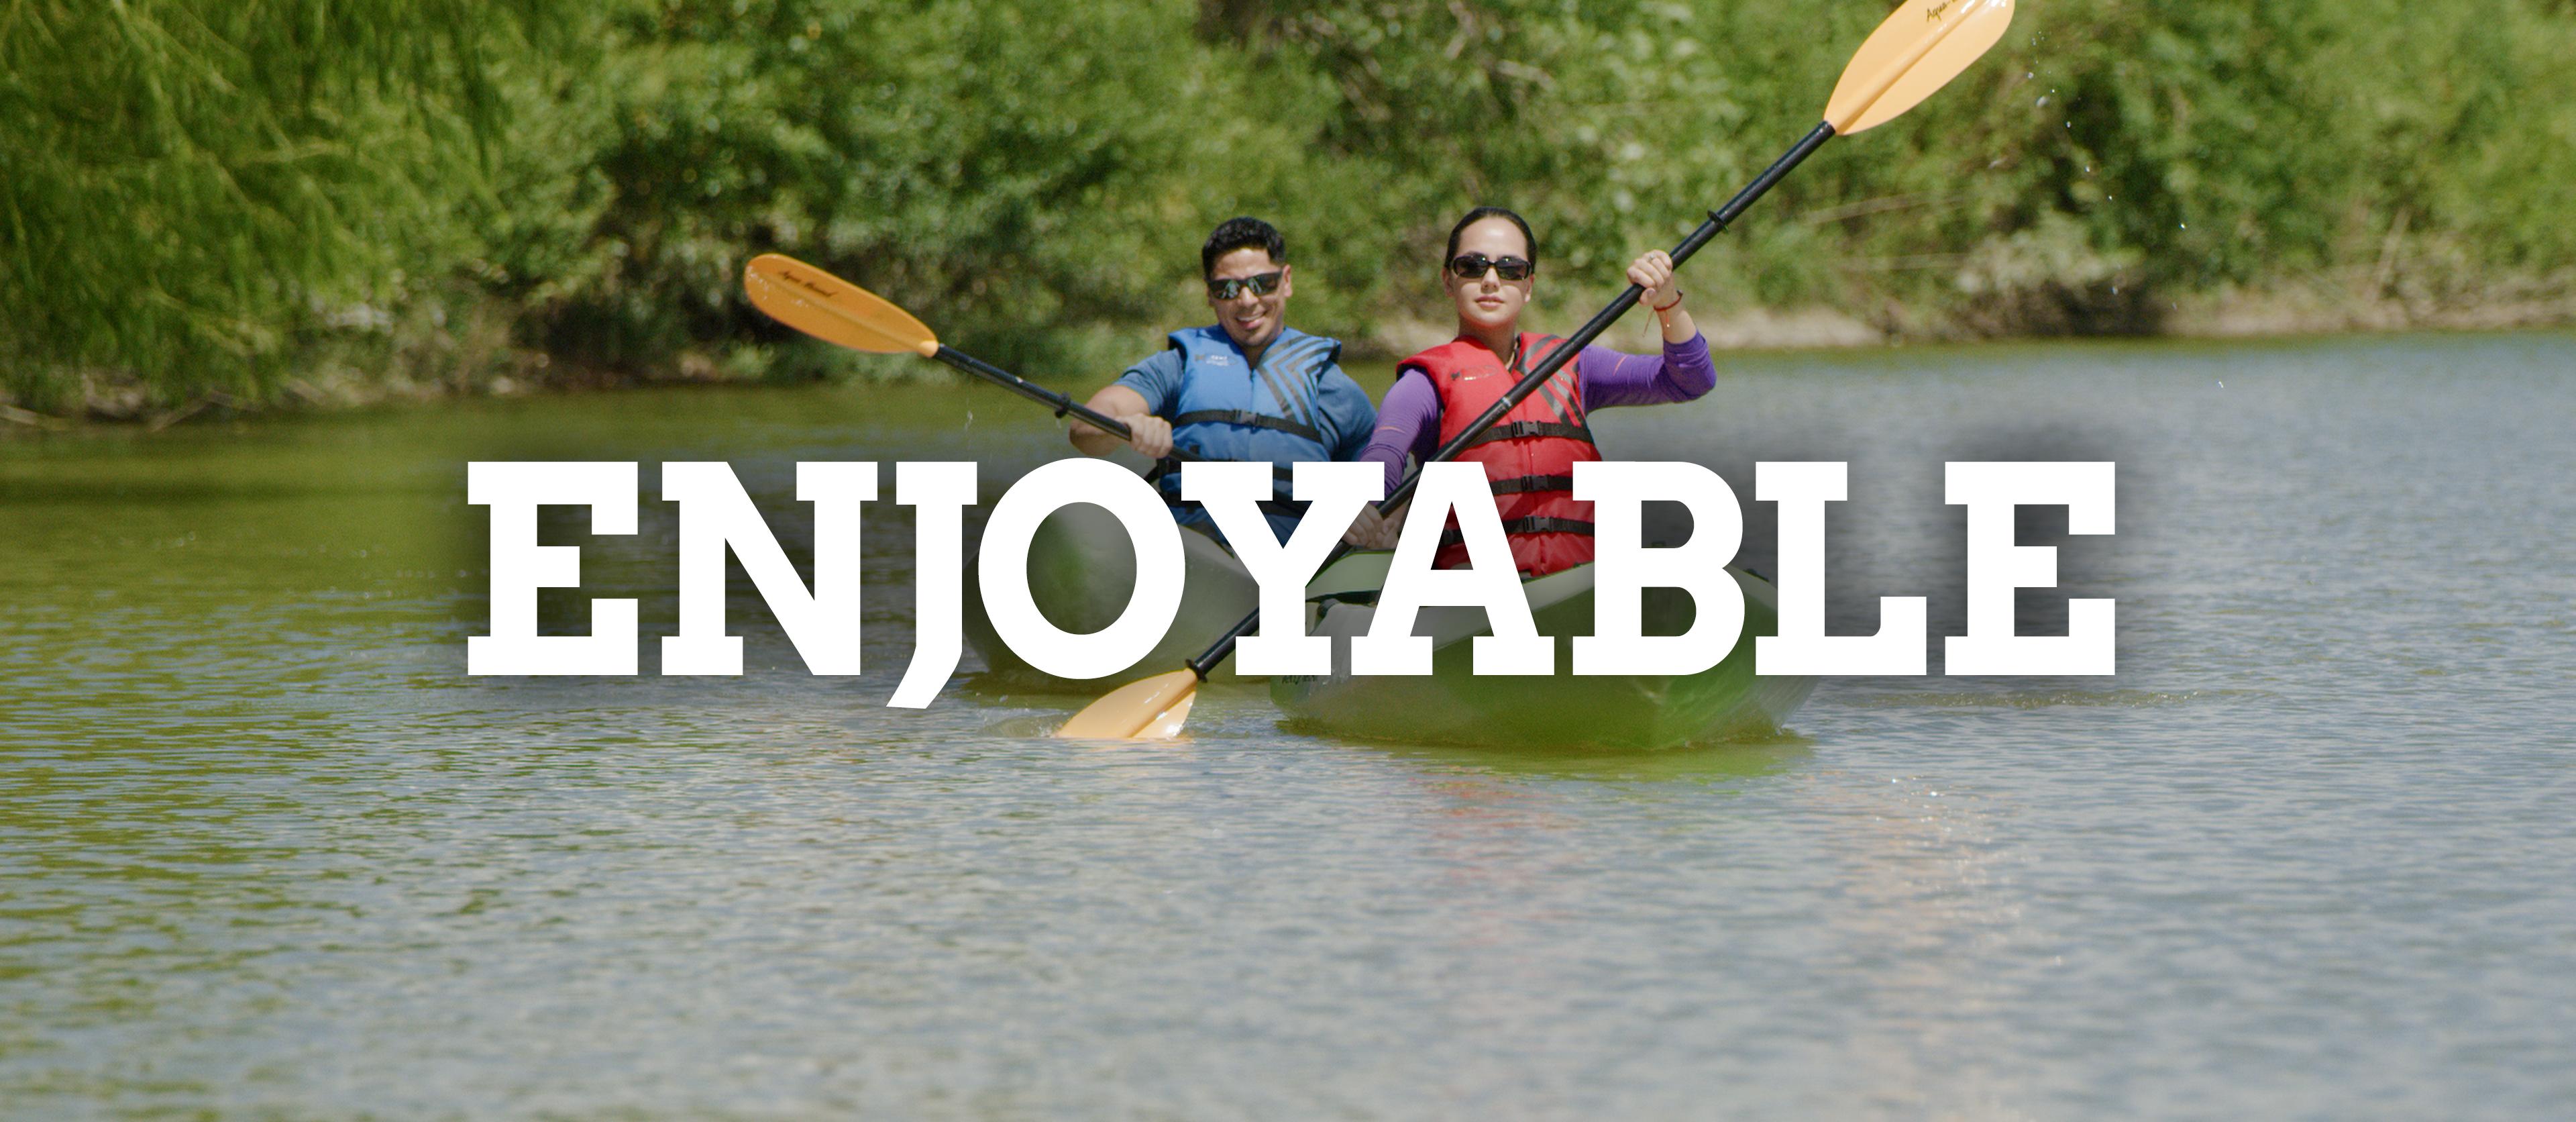 A man and woman kayak on the San Antonio River.